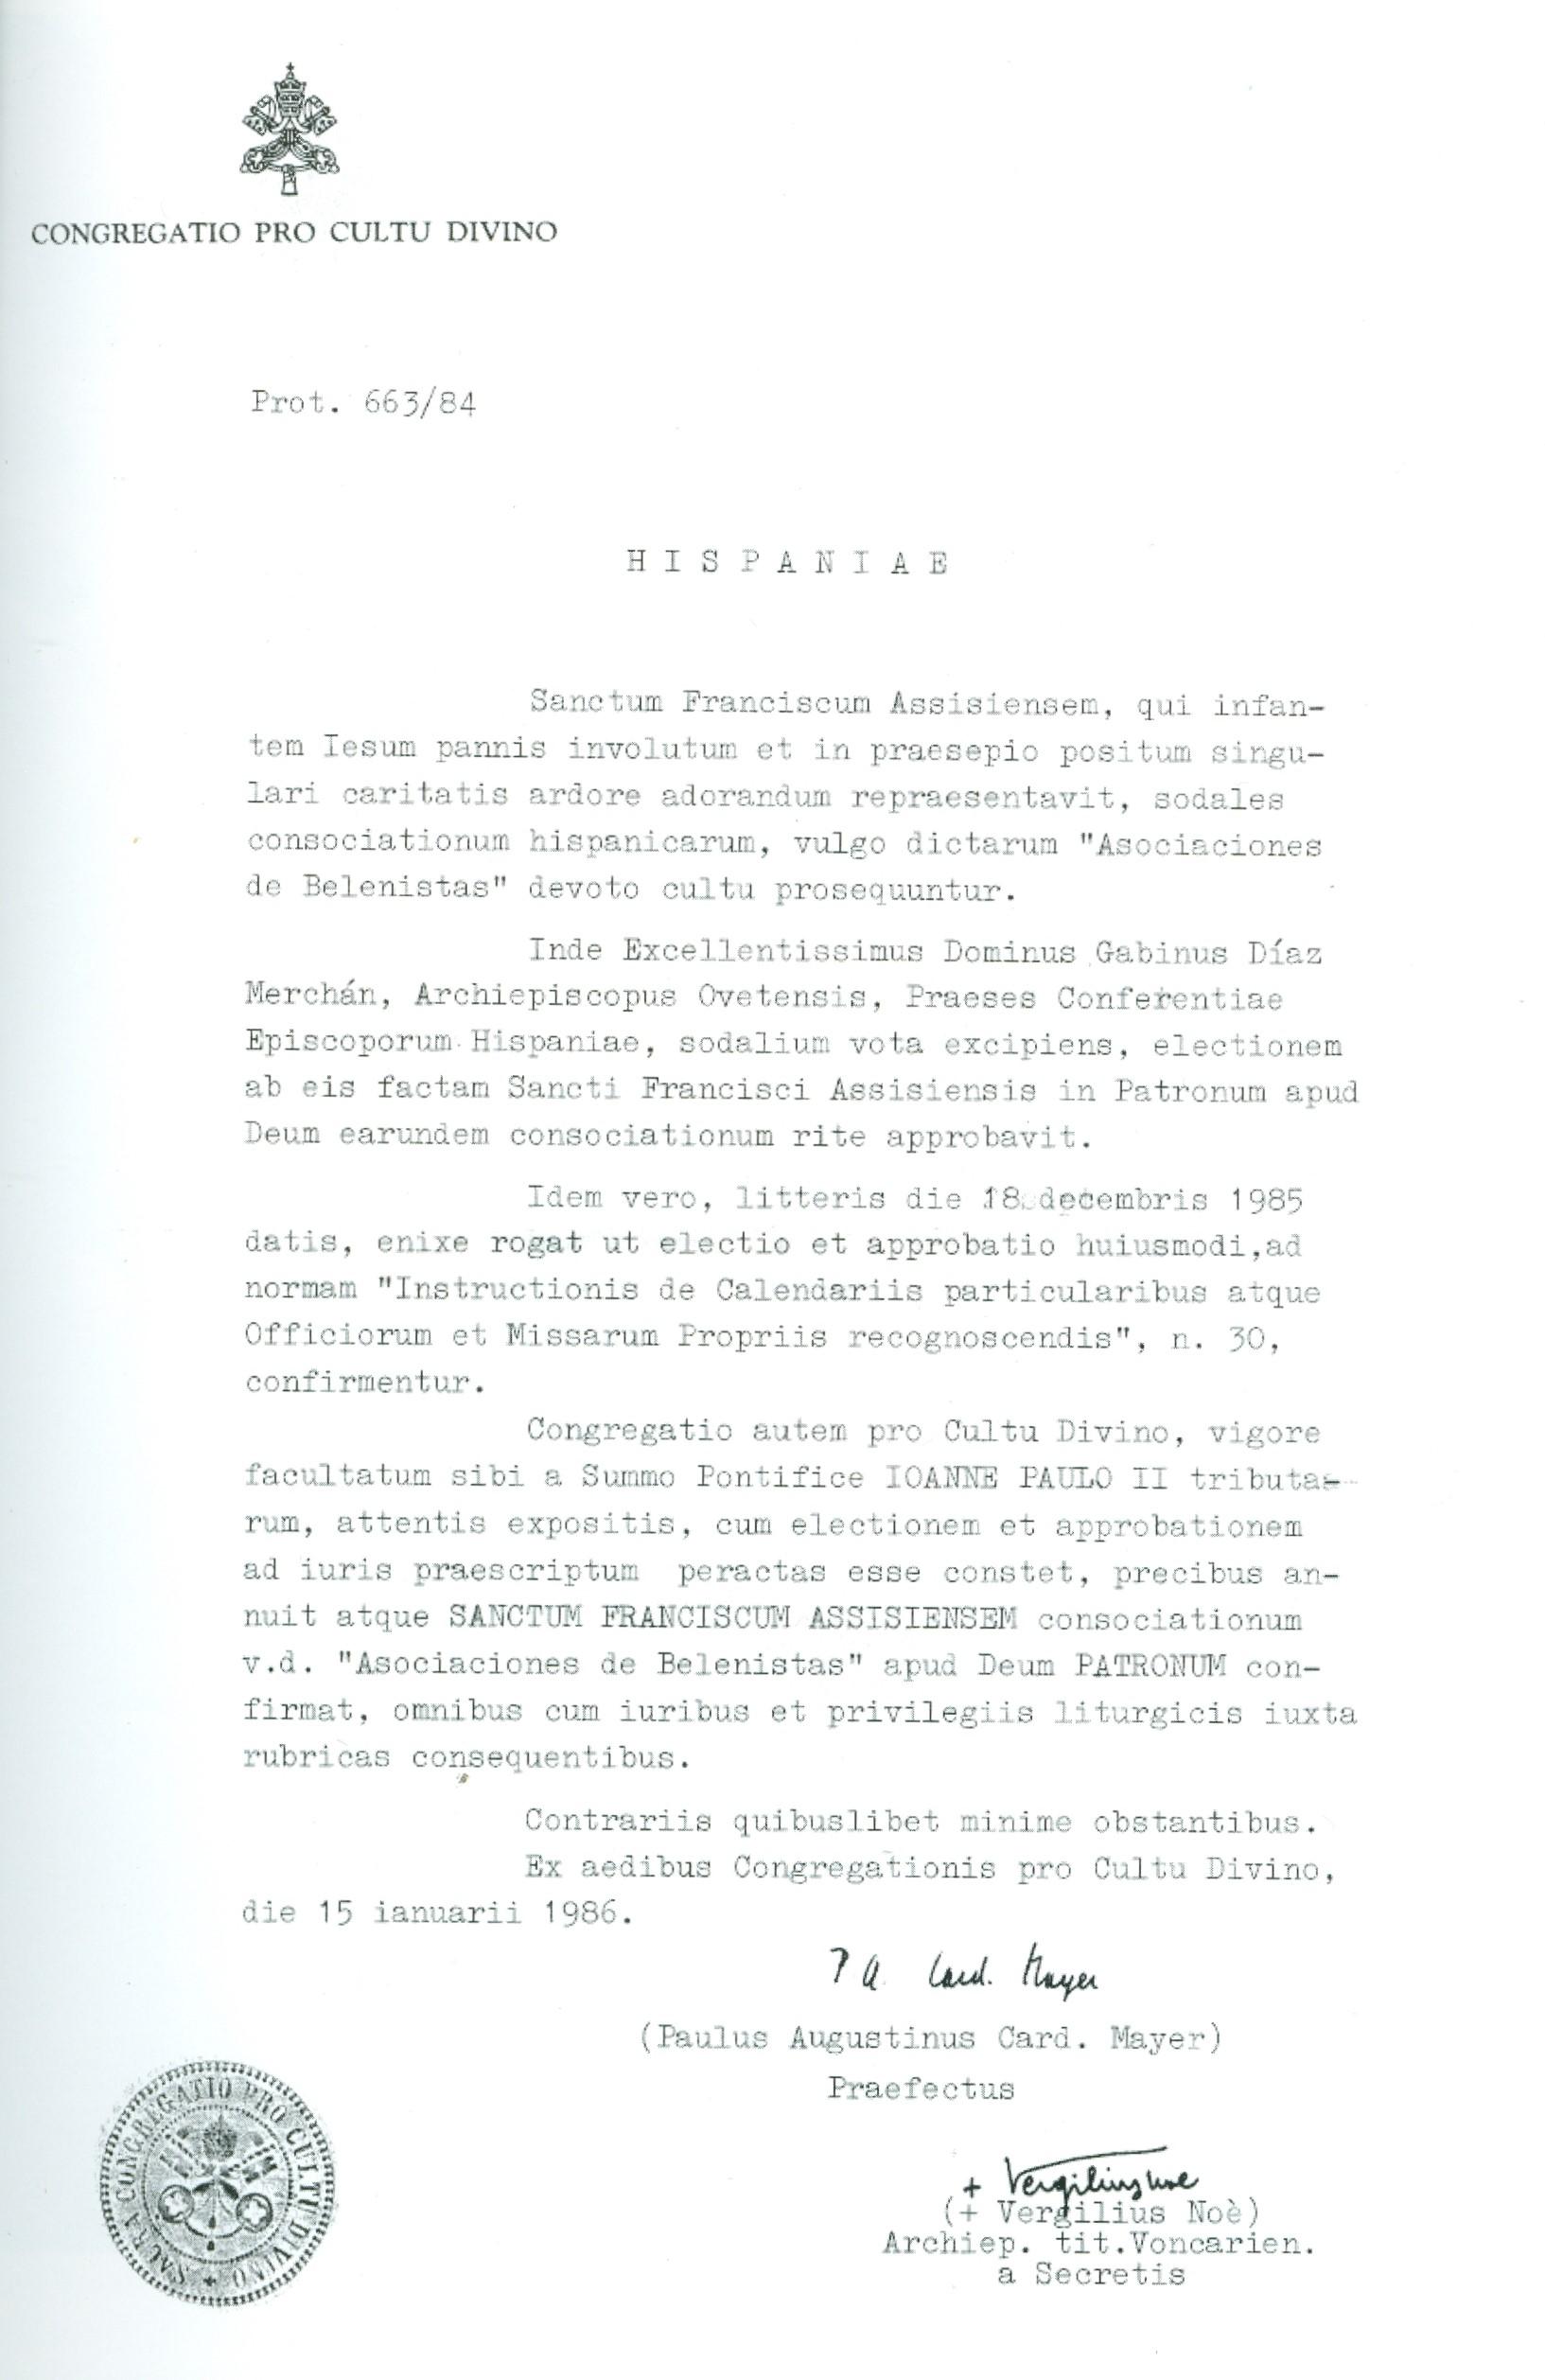 Decreto de 15 de enero de 1986 de la Sagrada Congregación pro Culto Divino, firmado por el Prefecto de la misma, el Eminentísimo Sr. Cardenal D. Pablo Agustín Mayer, en el que se hace saber que el Santo Padre Juan Pablo II, conforme a lo solicitado, declara a San Francisco de Asís como Patrono de los belenistas de España